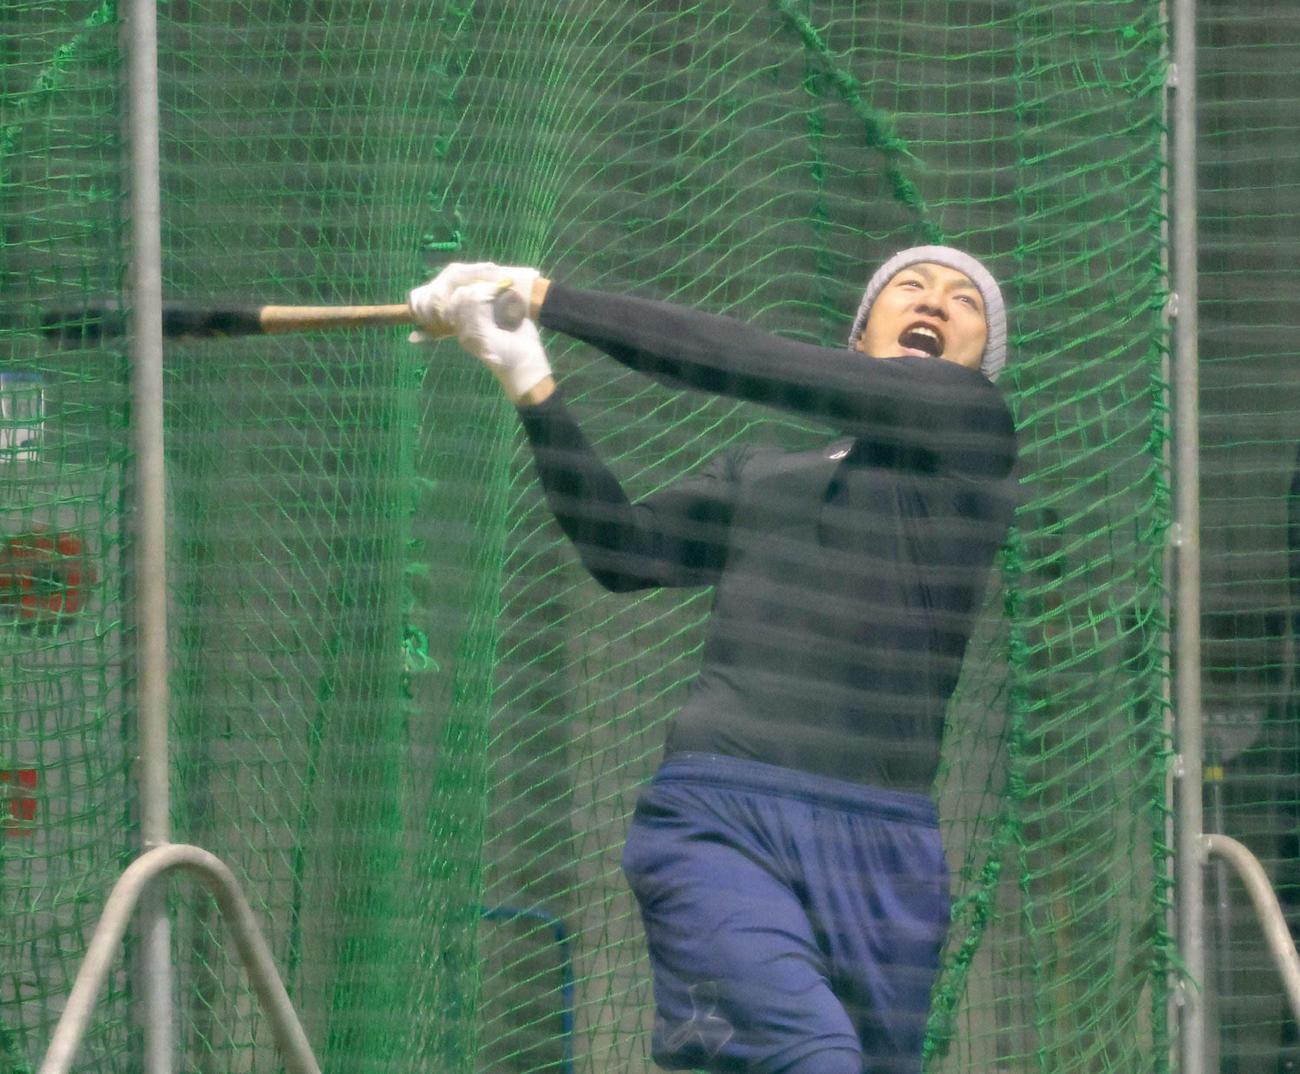 自主トレで打撃練習する柳田悠岐(代表撮影)